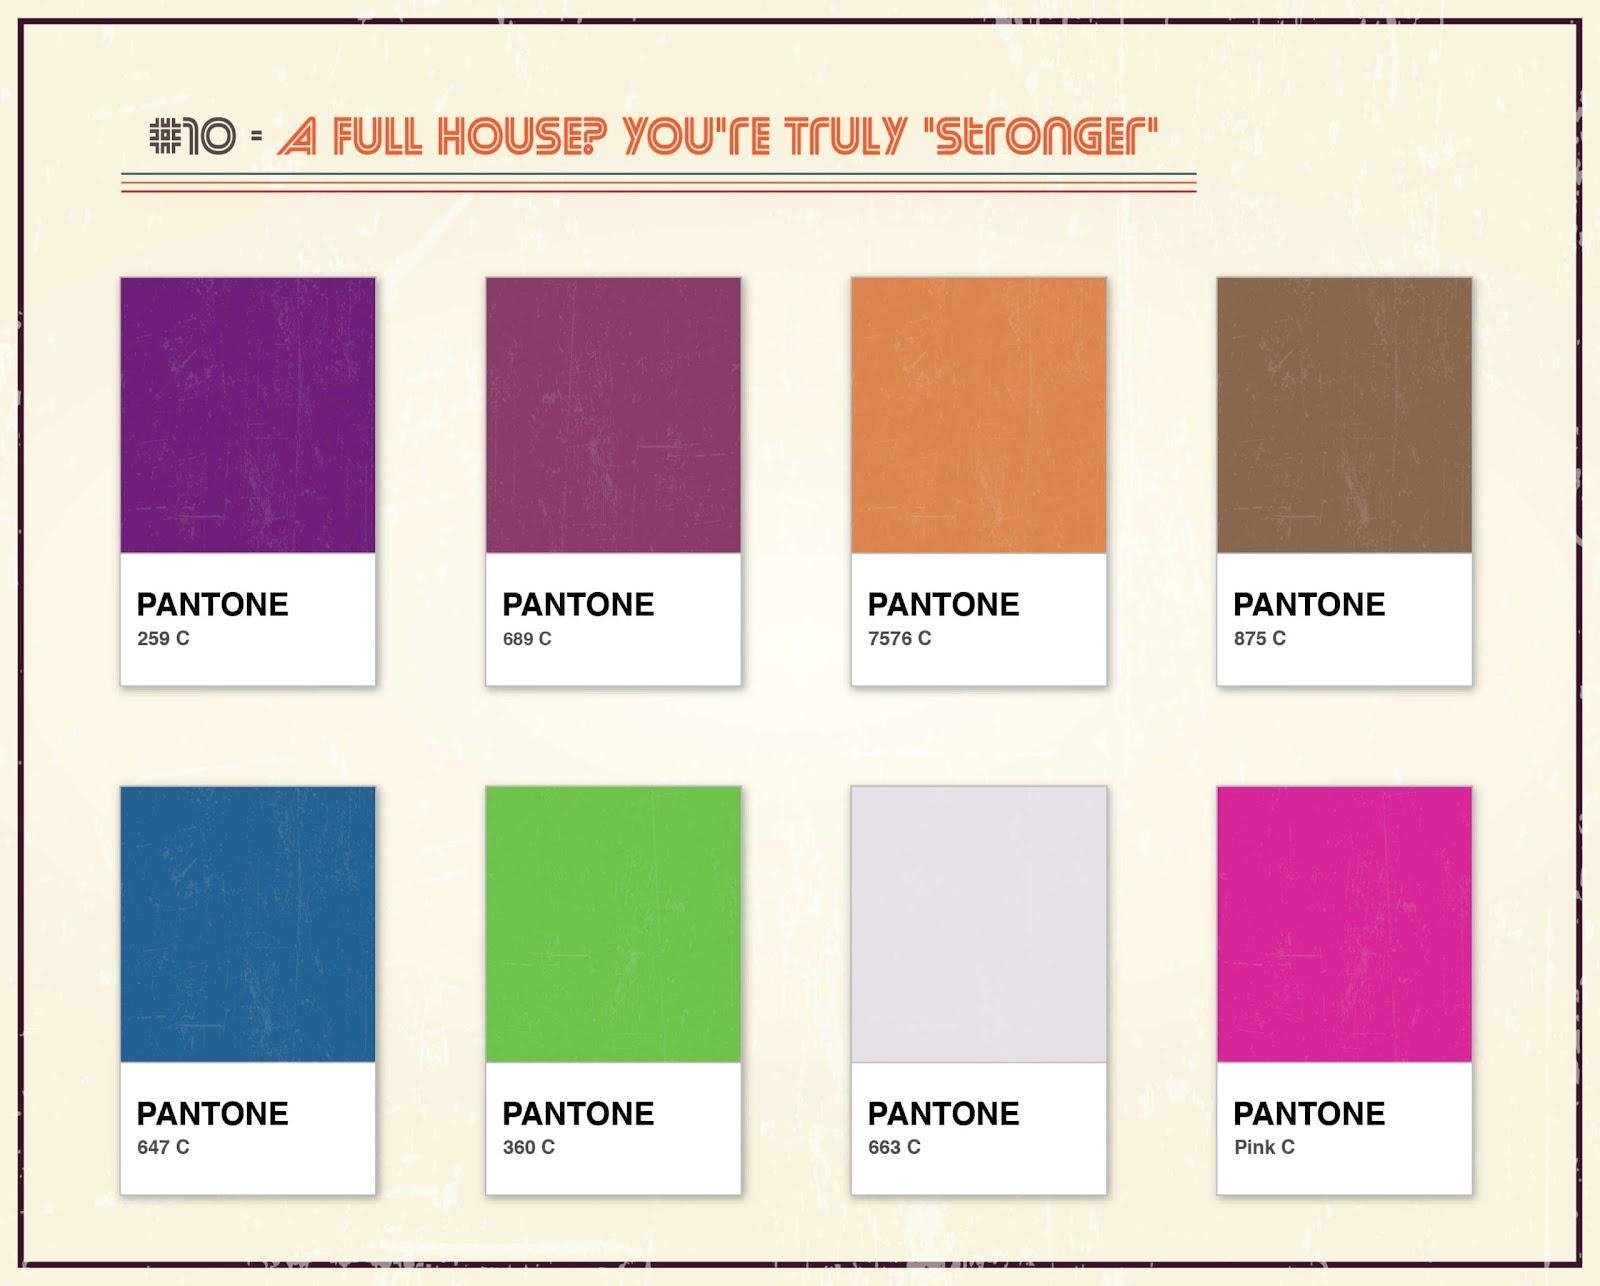 Album Artwork As Pantone: Famous Album Covers Without Text Quiz_10